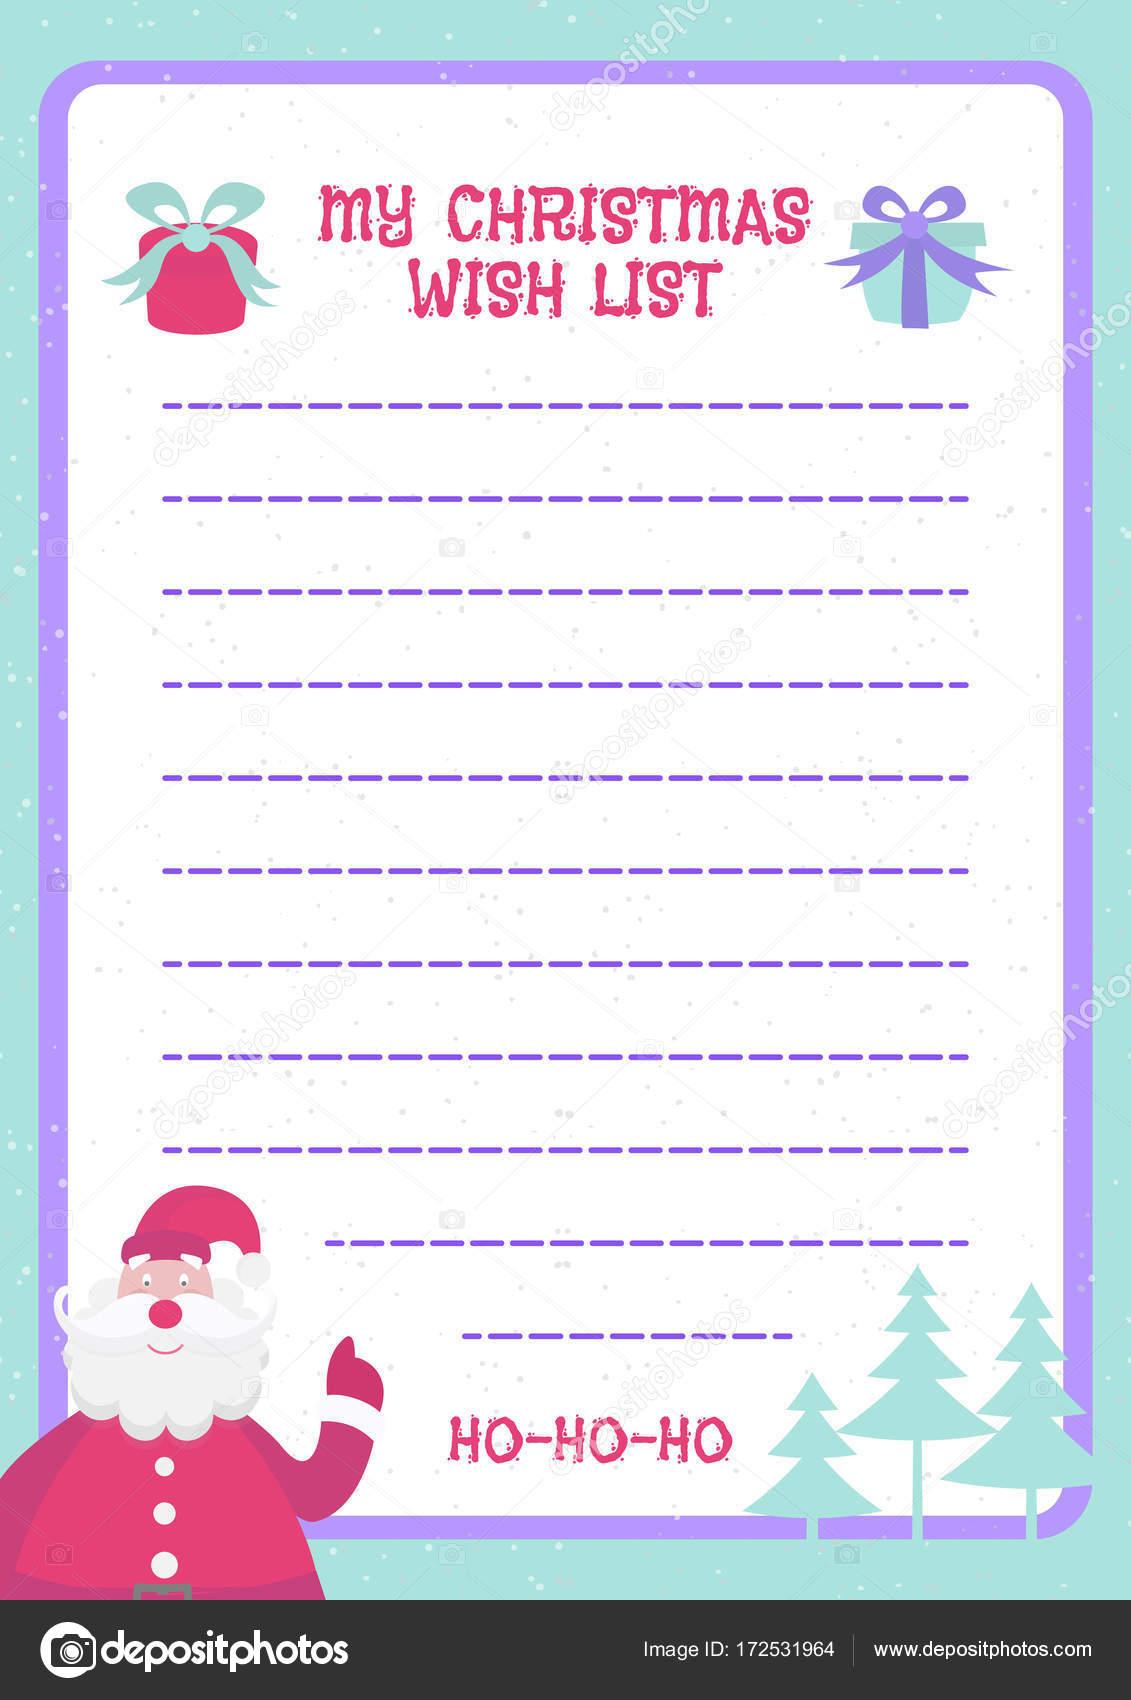 サンタ クロース プレゼント ツリーとクリスマス ウィッシュ リスト